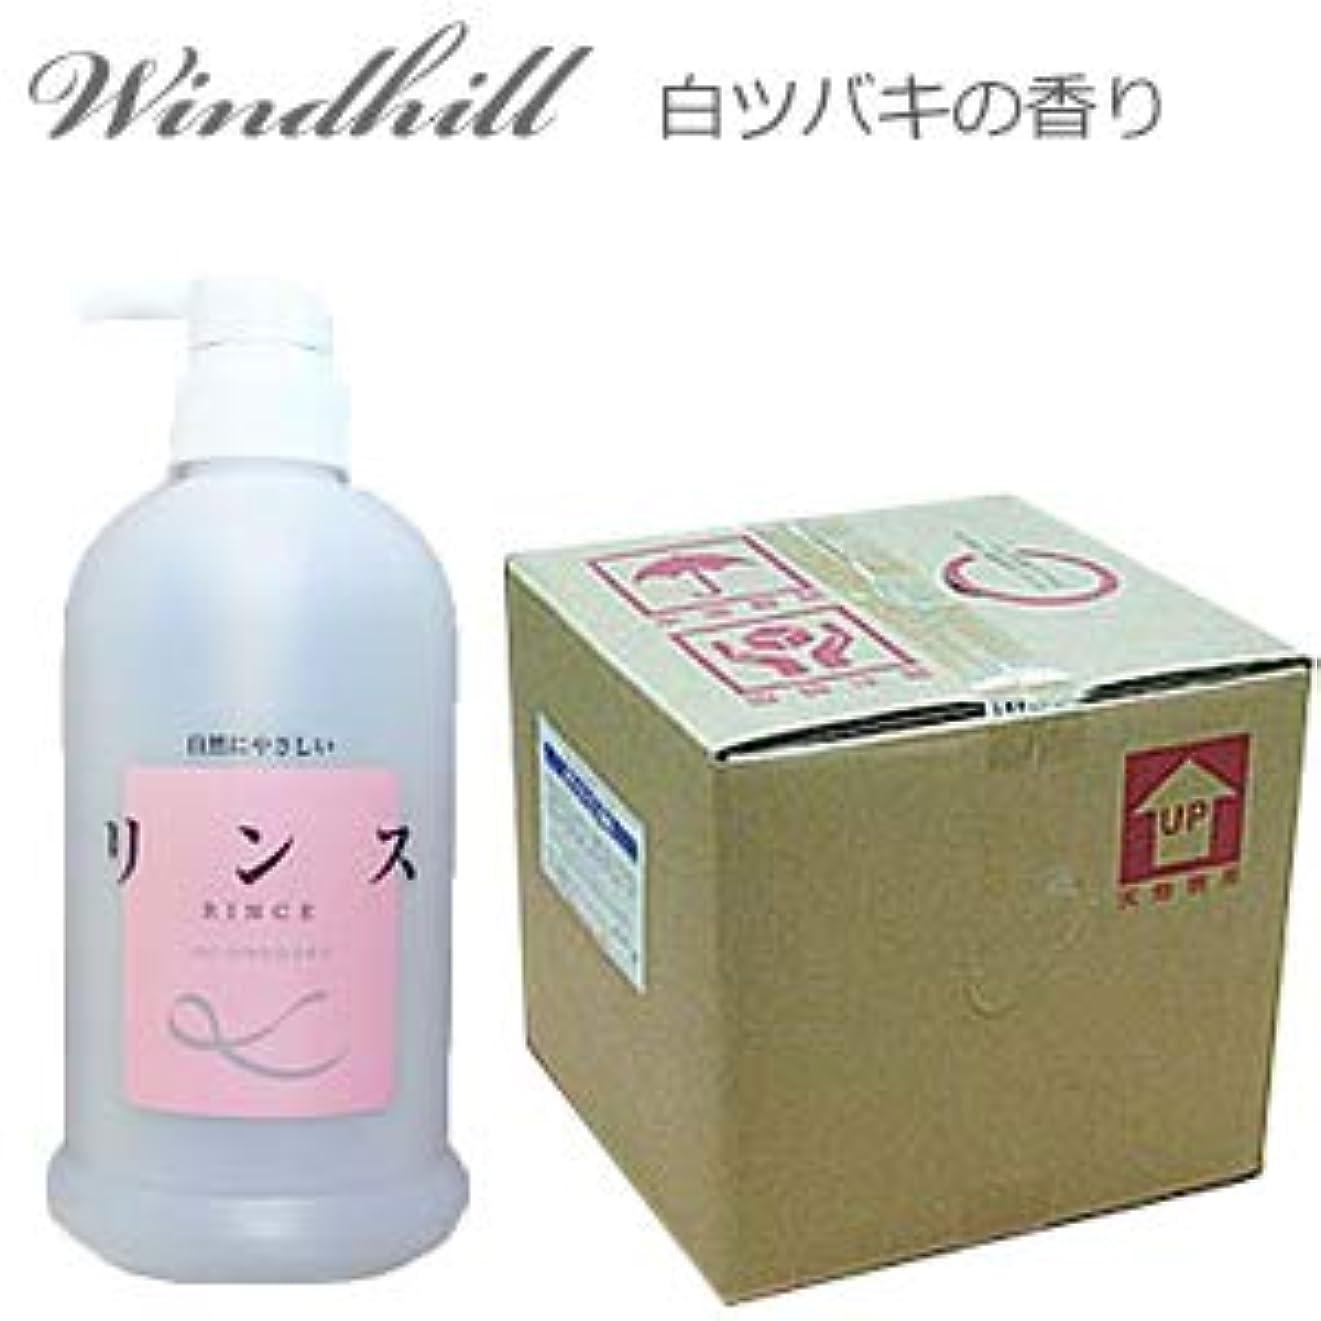 なんと! 500ml当り175円 Windhill 植物性 業務用 リンス 白ツバキの香り 20L